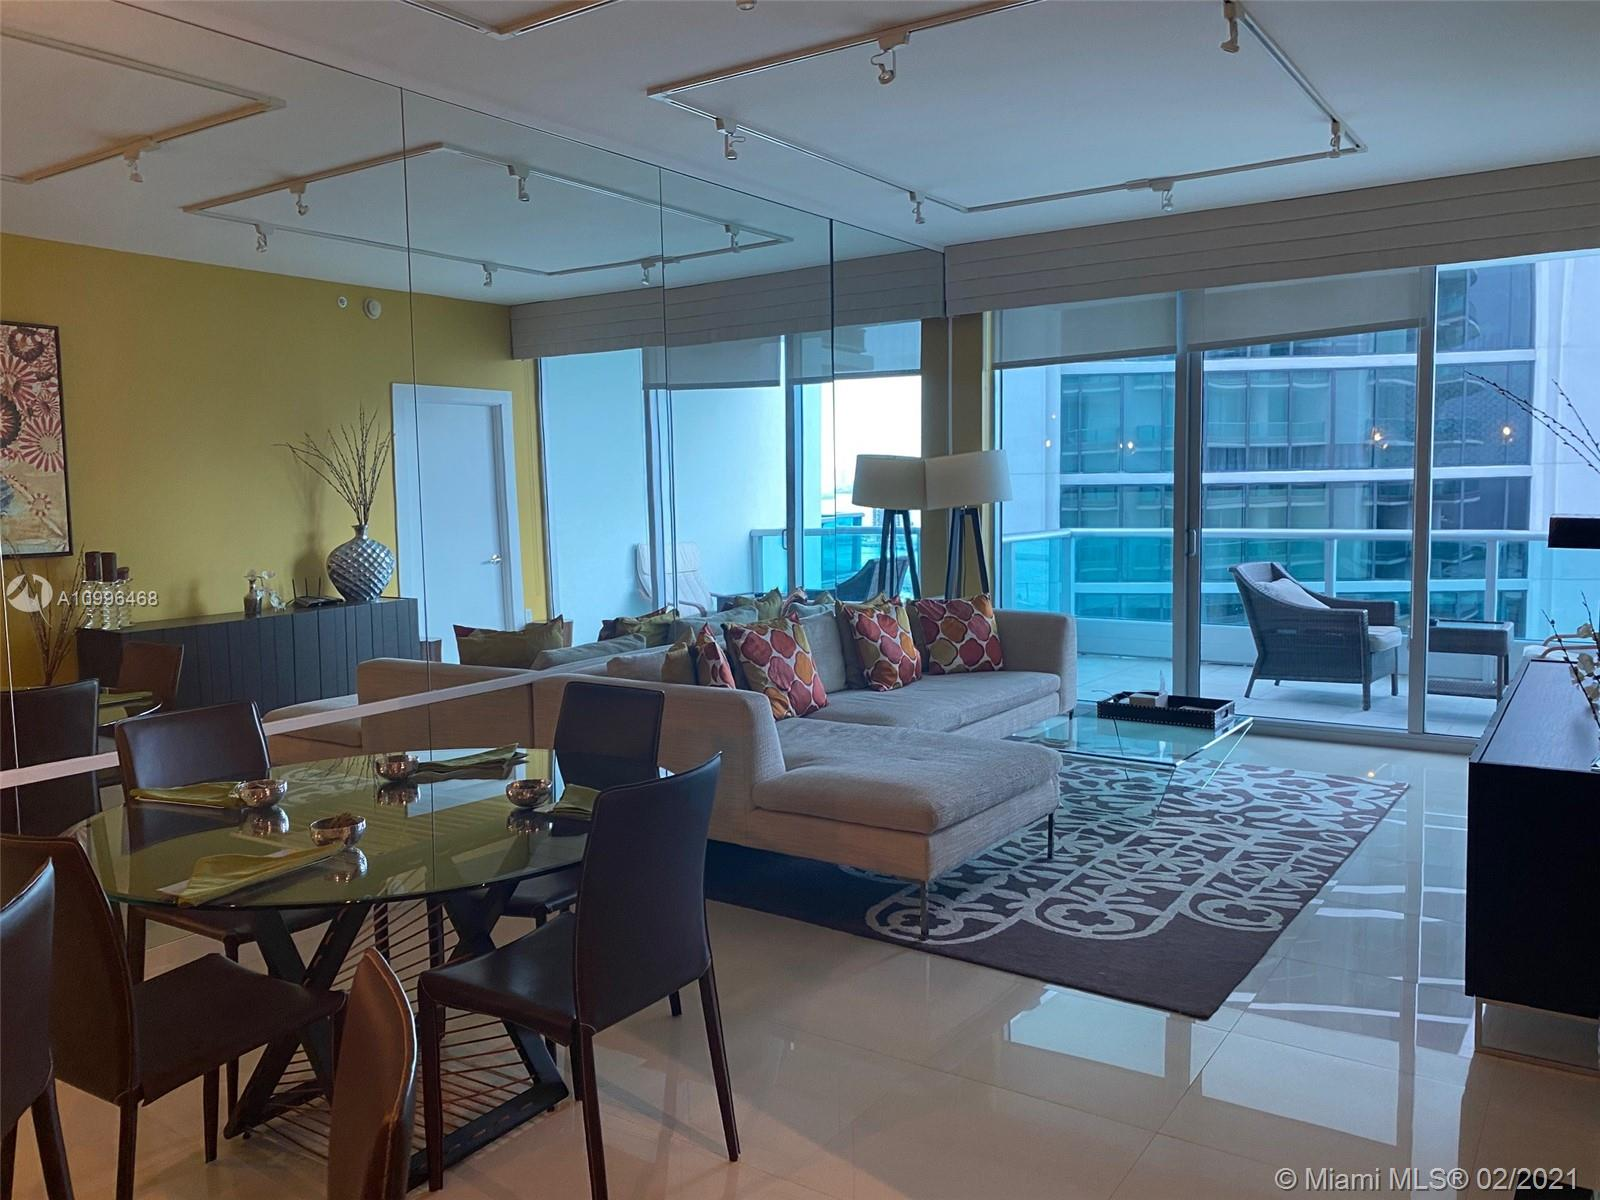 900 Biscayne Bay #2410 - 900 Biscayne Blvd #2410, Miami, FL 33132